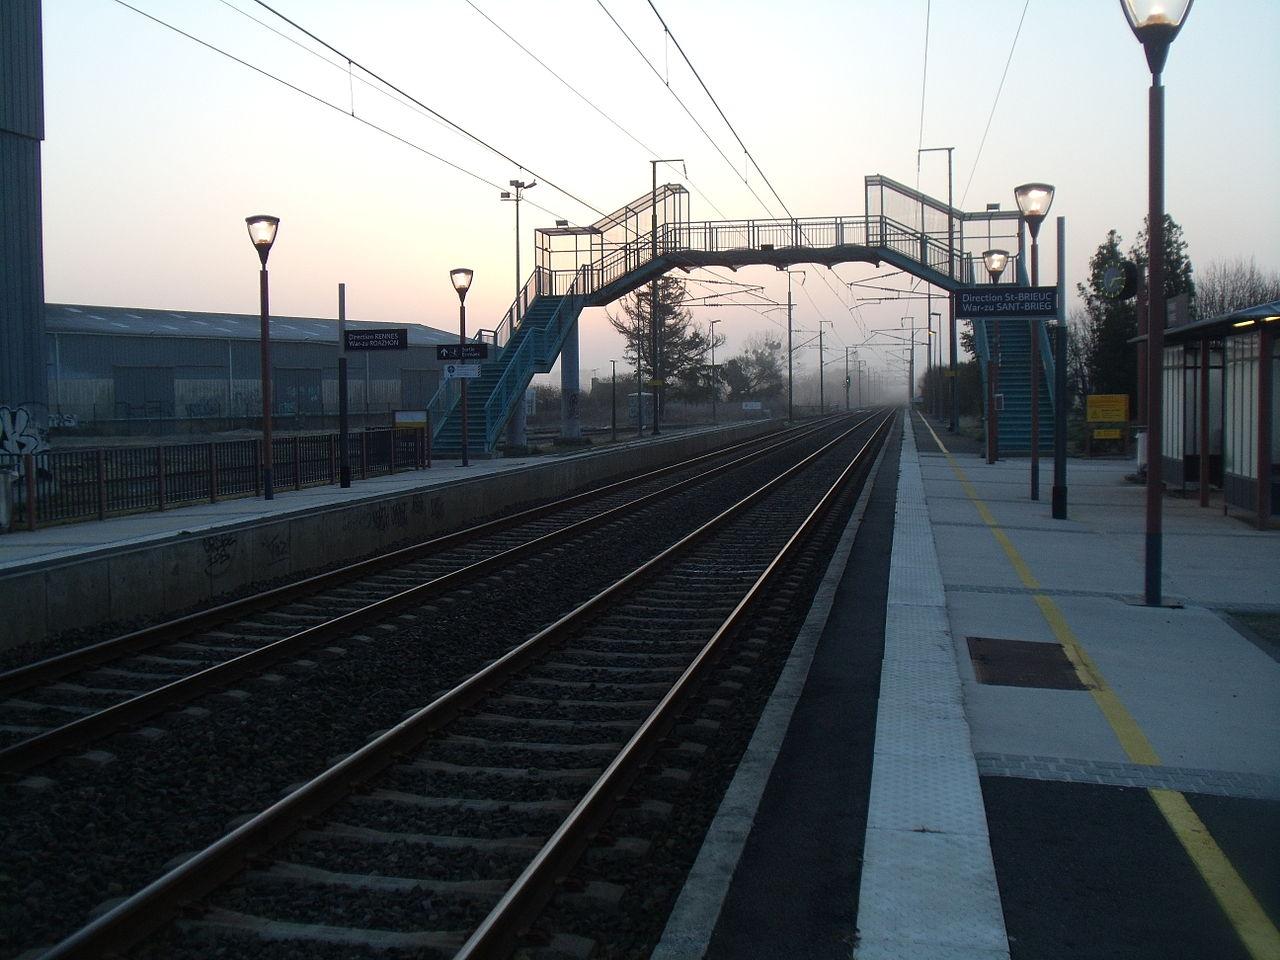 Yffiniac-train-station